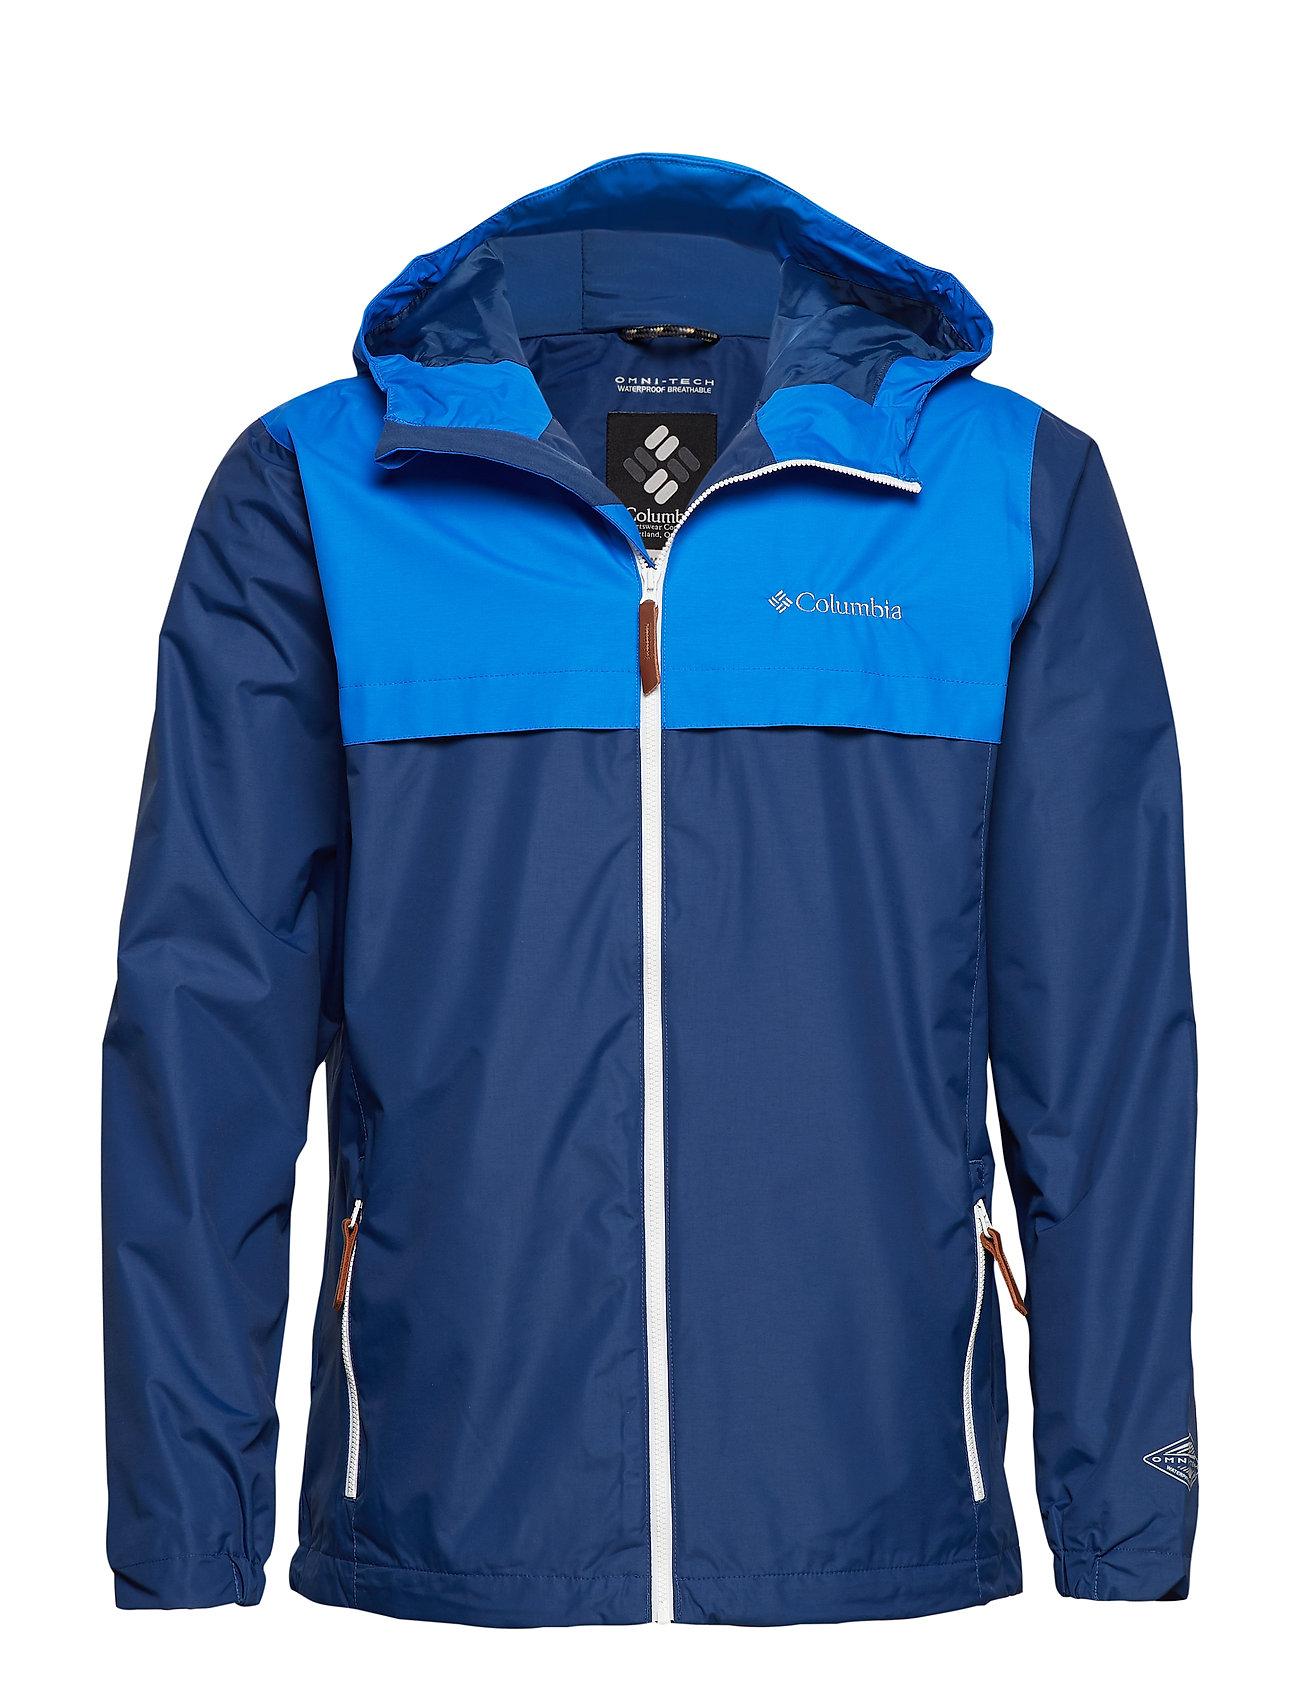 Image of Jones Ridge™ Jacket (3145473809)